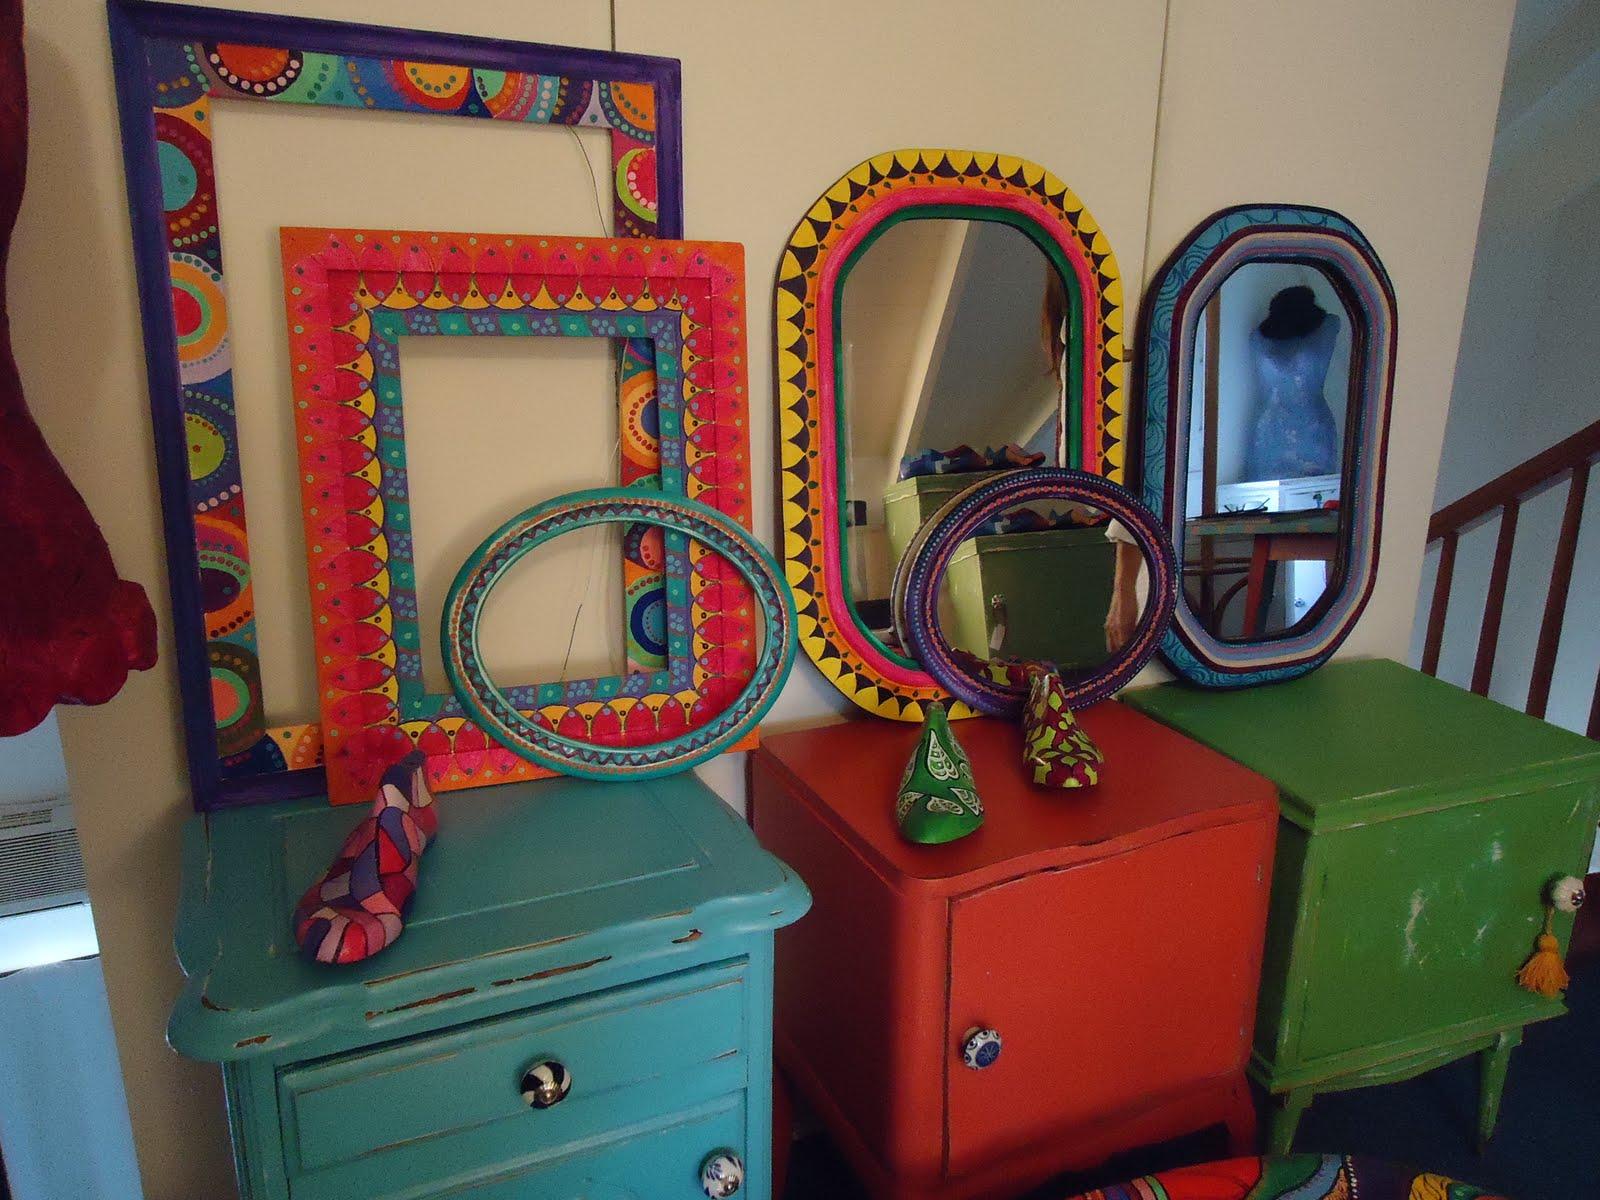 Vintouch muebles reciclados pintados a mano marcos - Disenos muebles pintados ...